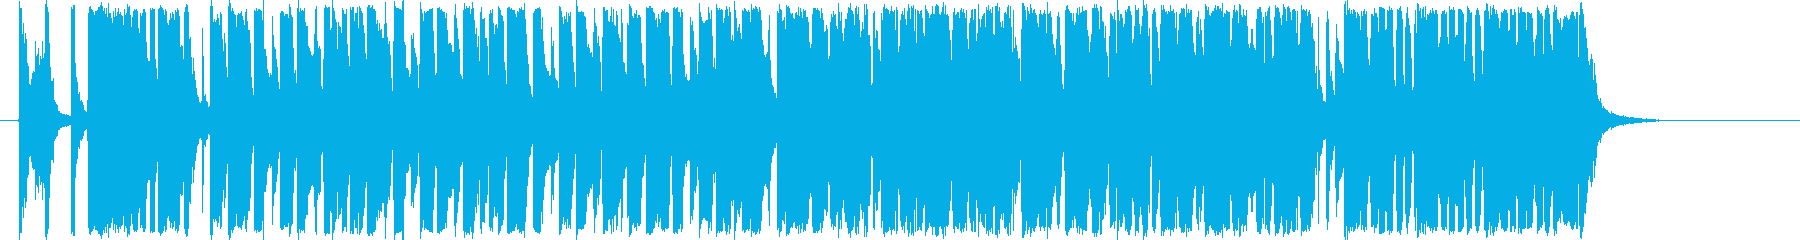 シンキングタイム用BGMの再生済みの波形